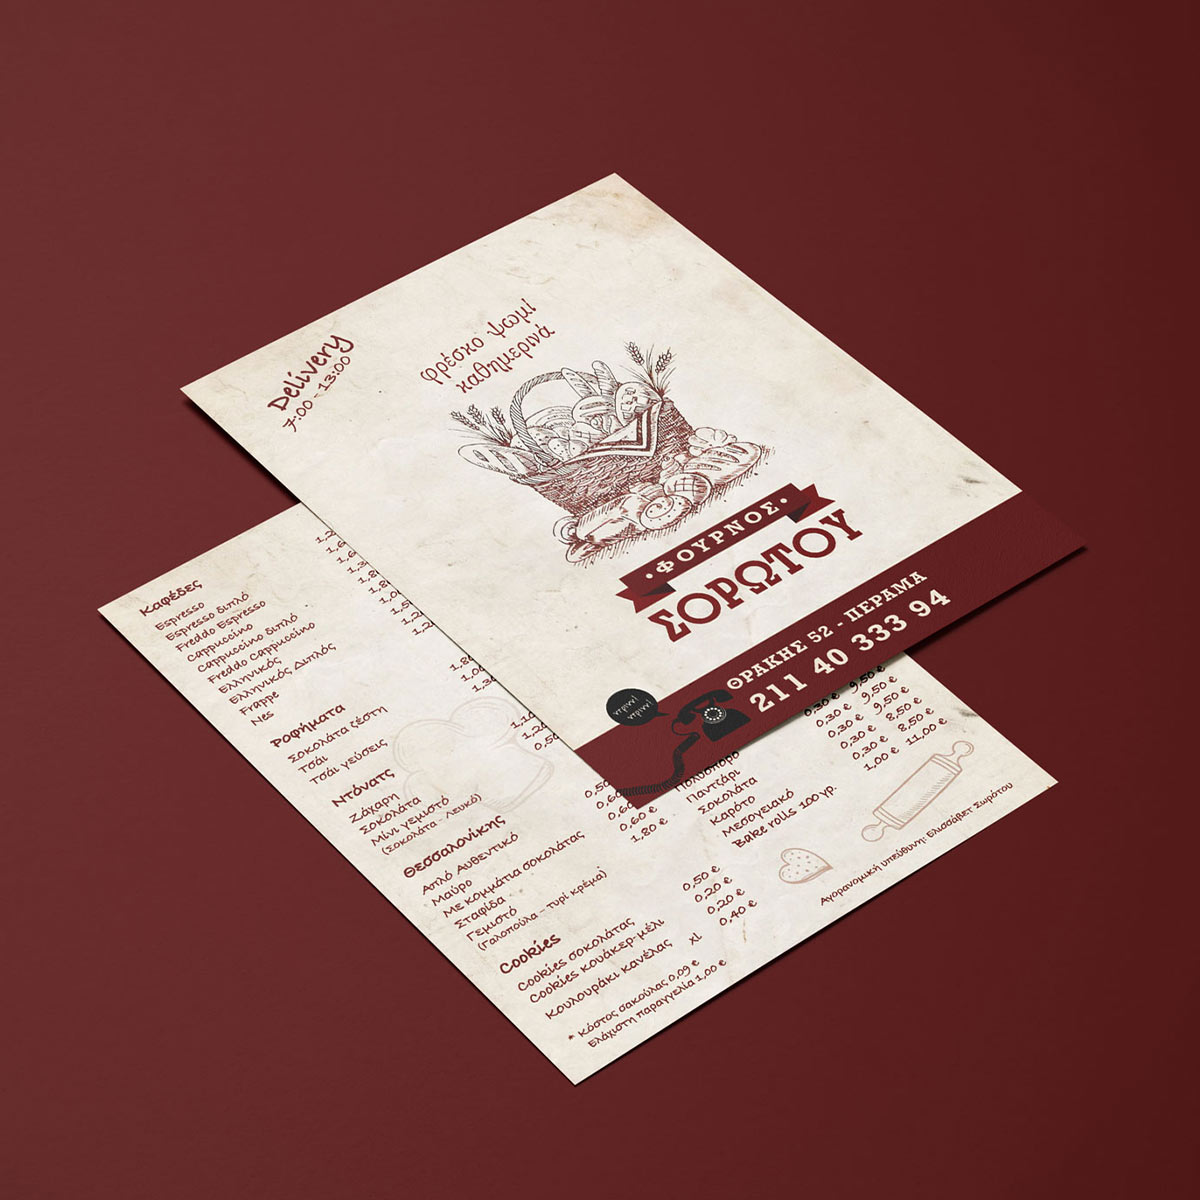 Σχεδιασμός Α5 έντυπο και εκτύπωση